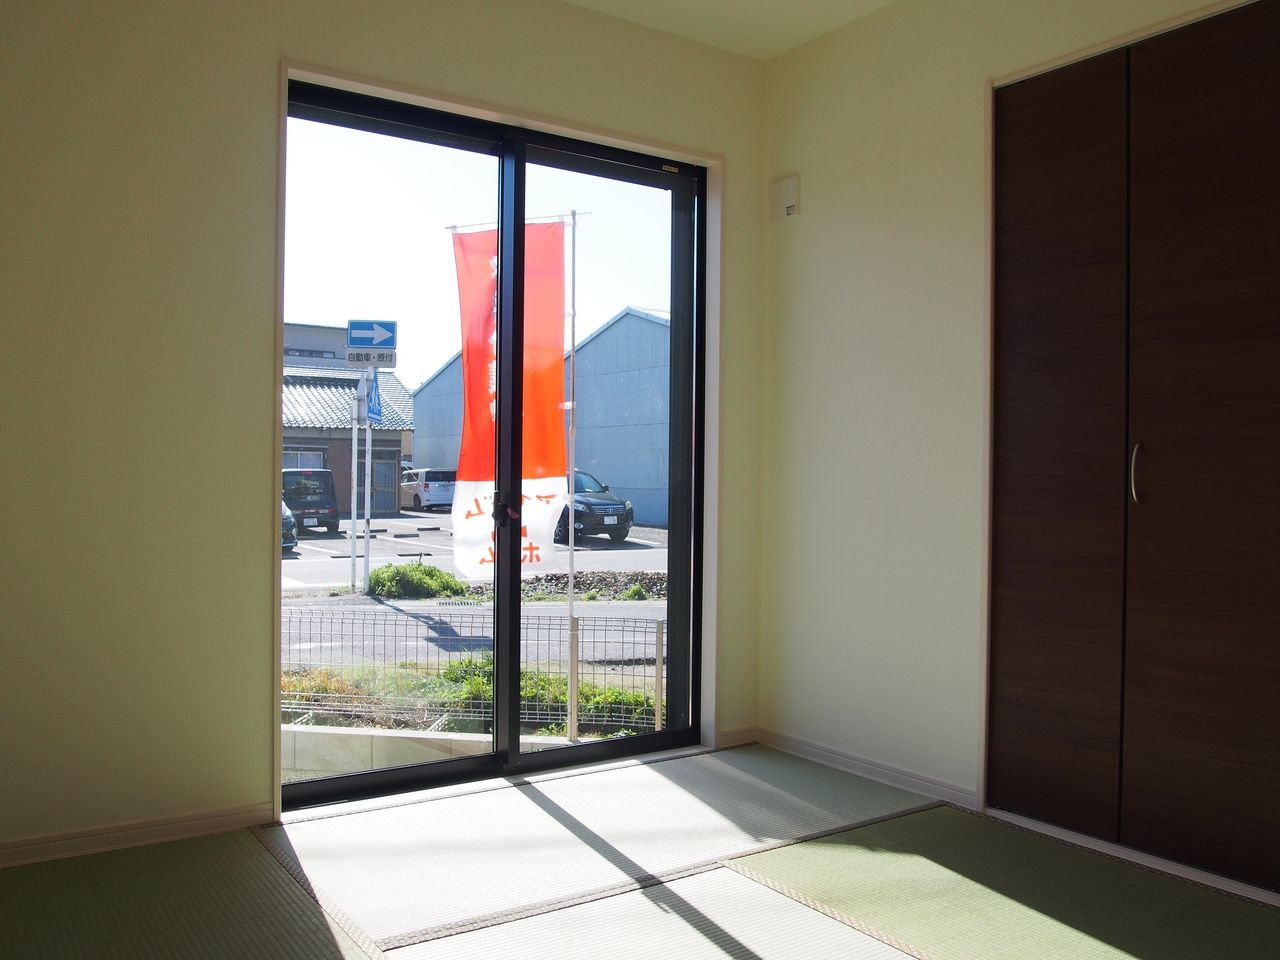 独立した和室スペース。いまならリモートワークのお部屋としても、急な来客用のお部屋としても使えます。